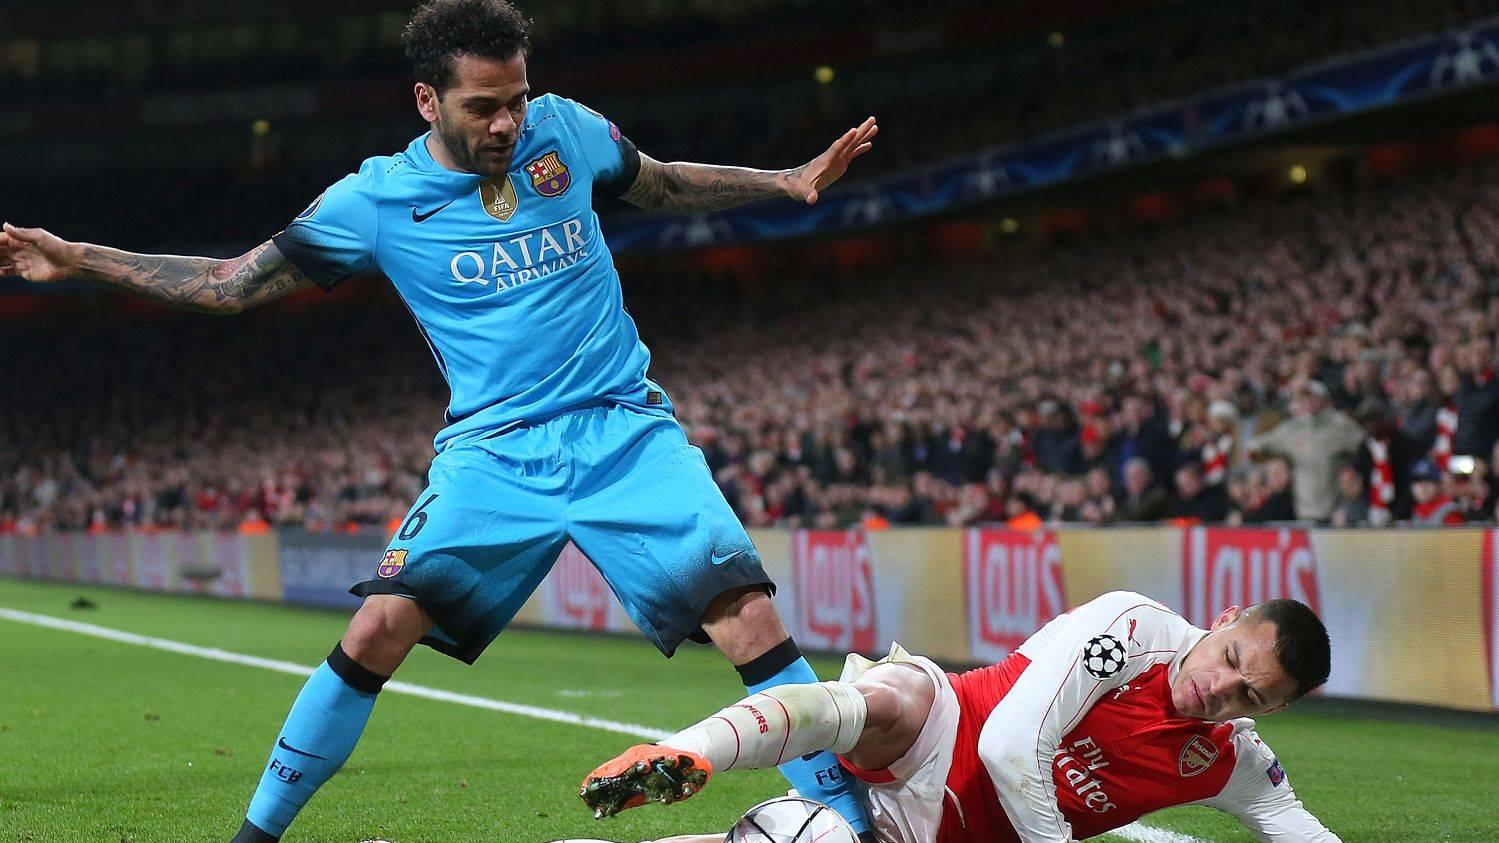 El motivo por el que el Barça traspasó a Alexis Sánchez